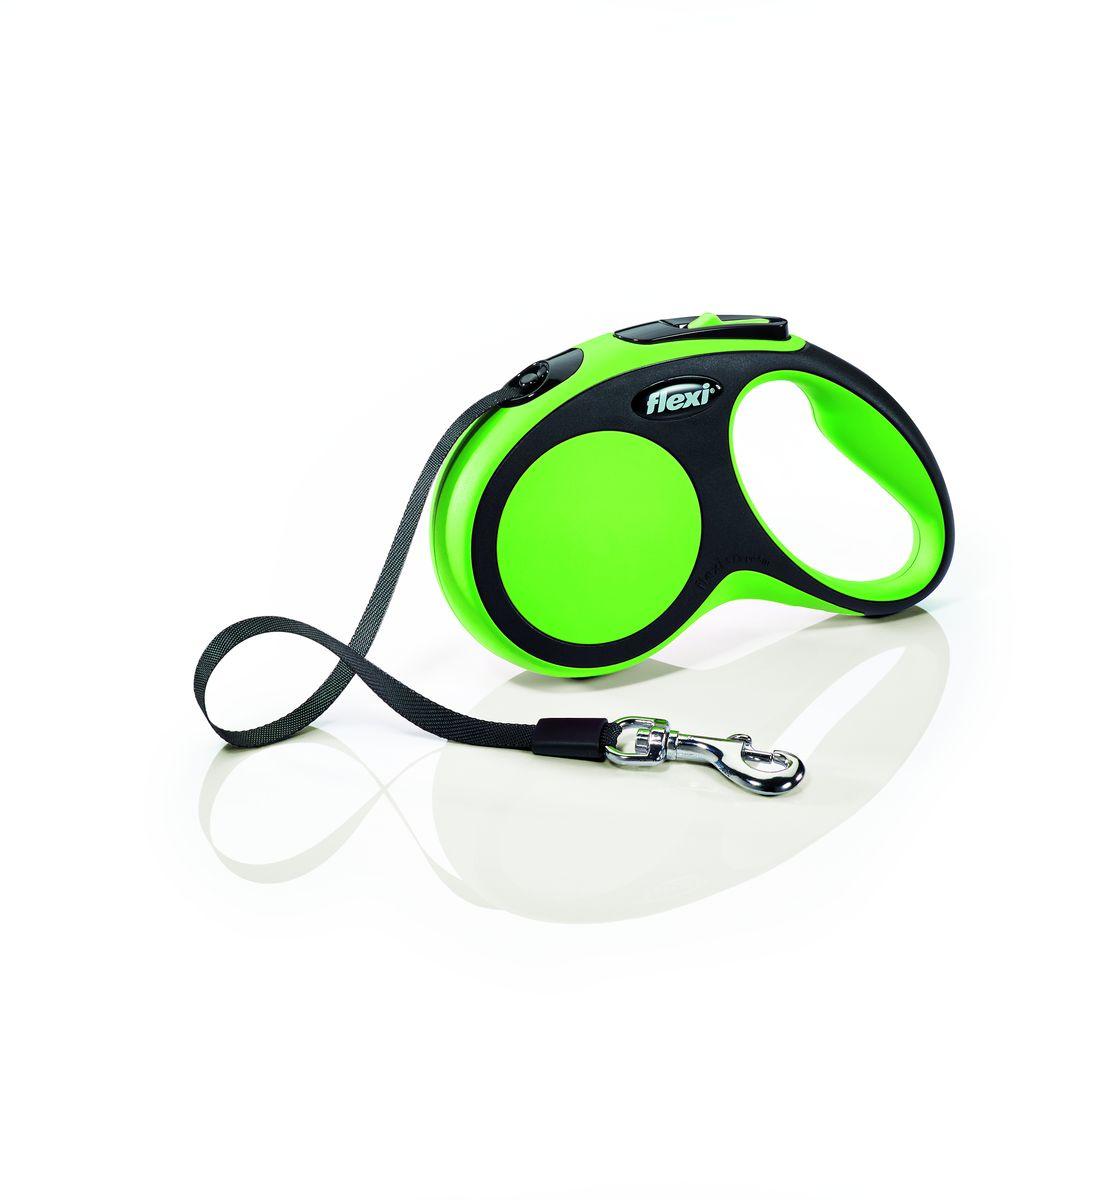 Поводок-рулетка Flexi New Comfort S, лента, для собак весом до 15 кг, цвет: черный, зеленый, 5 м28124Ленточный поводок-рулетка обеспечивает собаке свободу движения, что идет на пользу здоровью и радует Вашего четвероногого друга. Рулетка очень проста в использовании. Оснащена кнопками кратковременной и постоянной фиксации. Рулетку можно оснастить - мультибоксом для лакомств или пакетиков для сбора фекалий, LED подсветкой корпуса. Прочный корпус, хромированная застежка и светоотражающие элементы. Лента поводка автоматически сматывается и поводок в процессе использования не провисает, не касается грунта и таким образом не пачкается и не перетирается. Поводок не нужно подбирать руками когда питомец подошел ближе, таким образом Ваши руки всегда чистые. Максимальный вес питомца: 15 кг Длина: 5 м